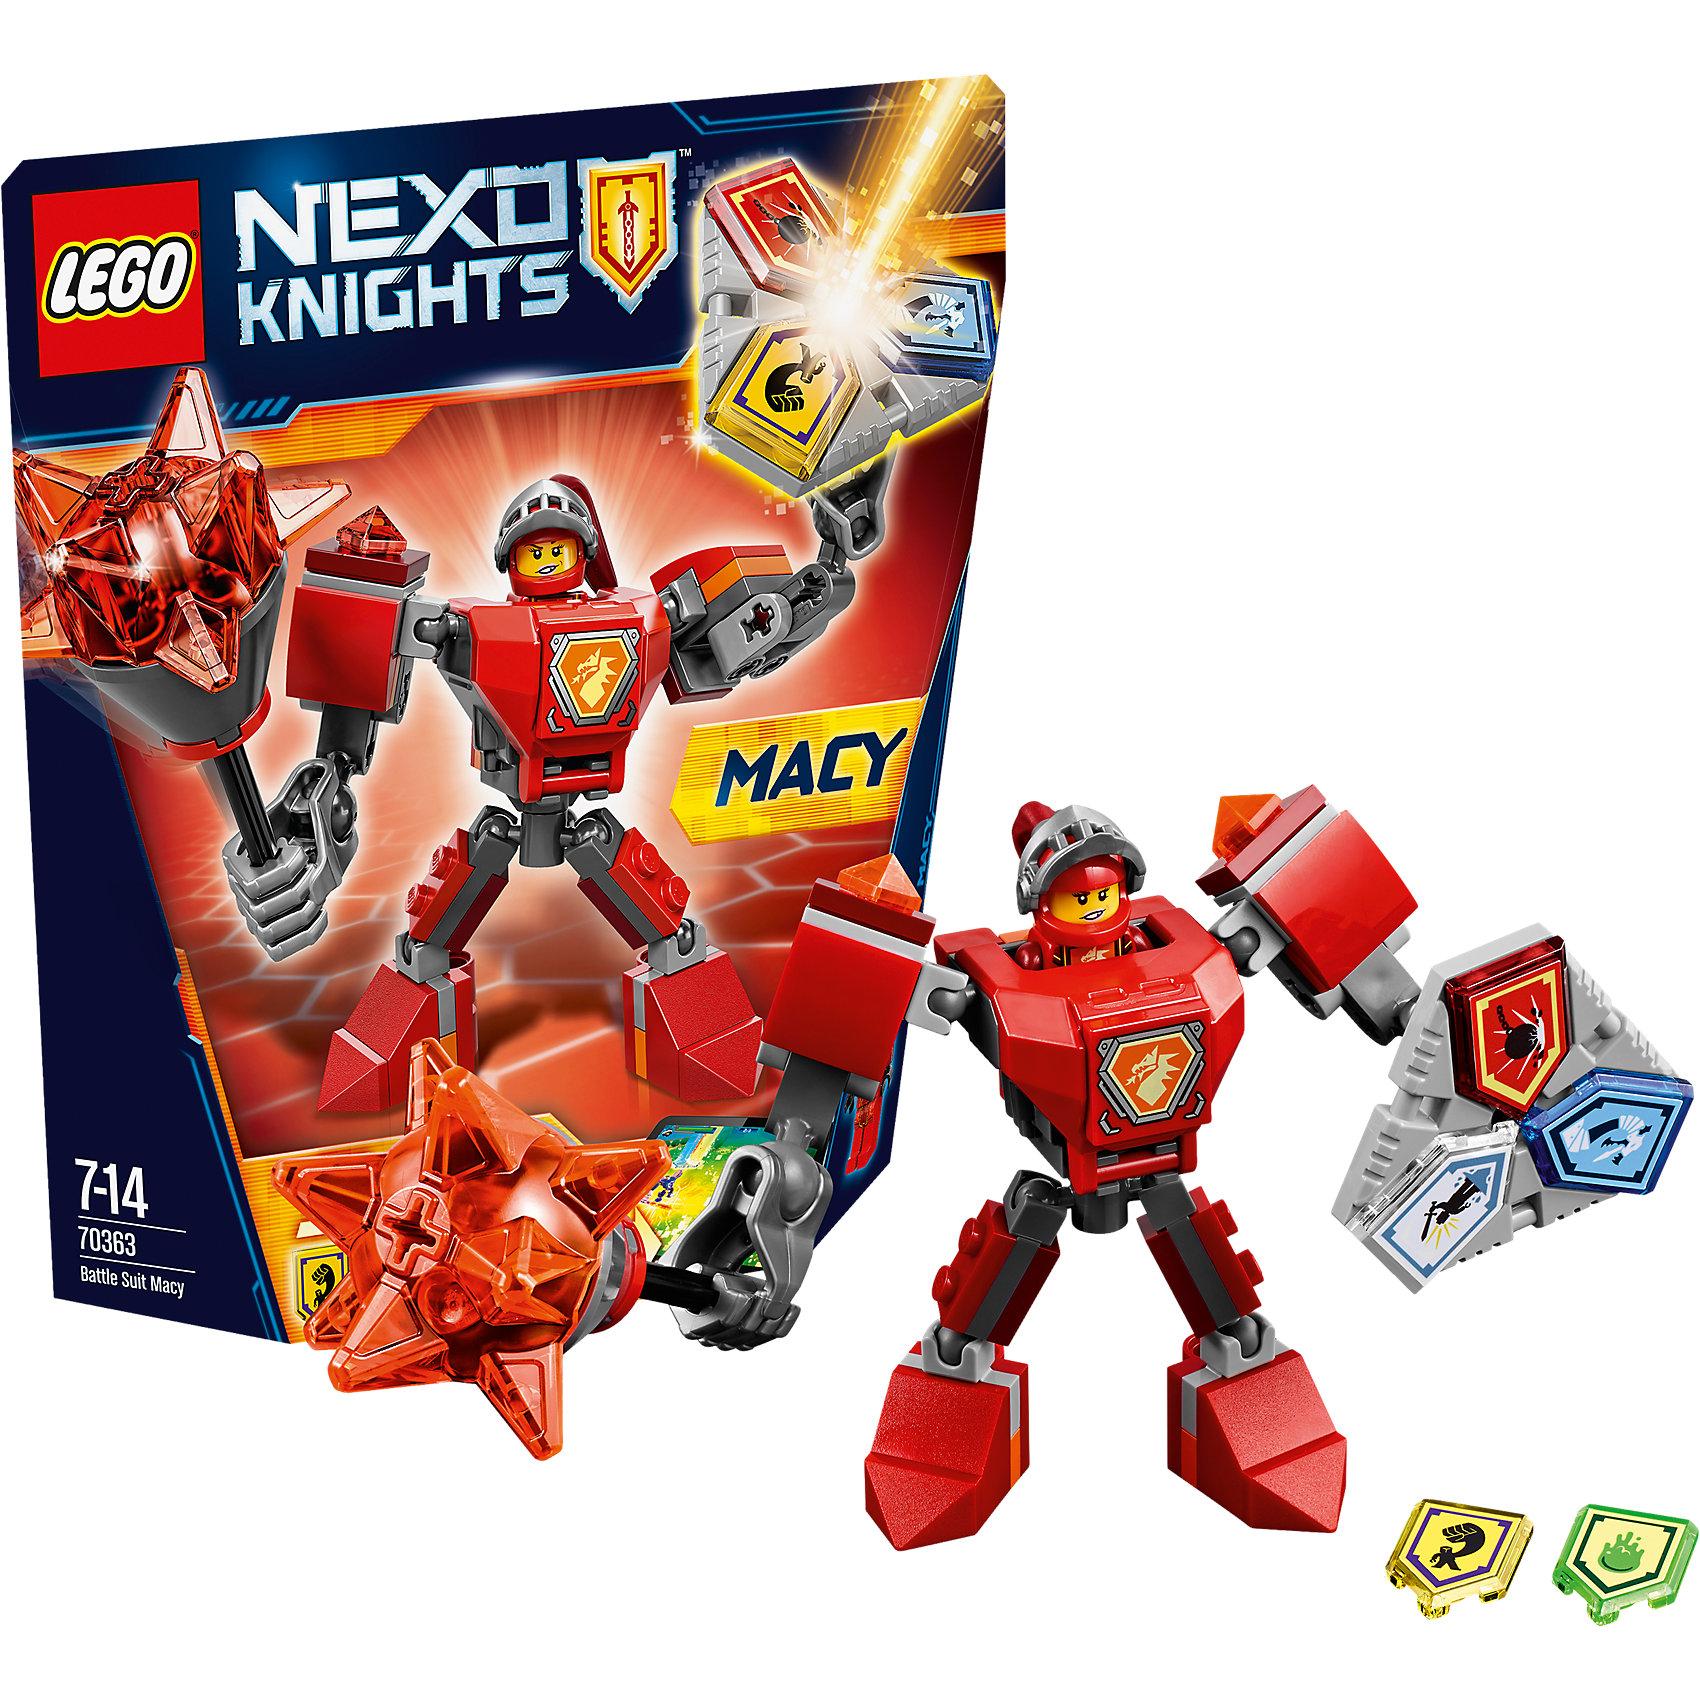 LEGO NEXO KNIGHTS 70363: Боевые доспехи МэйсиLEGO NEXO KNIGHTS 70363: Боевые доспехи Мэйси<br><br>Характеристики:<br><br>- в набор входит: доспехи, фигурка, 5 защитных сил, красочная инструкция<br>- состав: пластик<br>- количество деталей: 66<br>- размер коробки: 20 * 5,5 * 19 см.<br>- высота доспеха: 9 см.<br>- для детей в возрасте: от 7 до 14 лет<br>- Страна производитель: Дания/Китай/Чехия<br><br>Легендарный конструктор LEGO (ЛЕГО) представляет серию «NEXO KNIGHTS» (Нэксо Найтс) по сюжету одноименного мультсериала. Серия понравится любителям средневековья благодаря рыцарям, принцессам, монстрам и ужасным злодеям. Рыцарь-девушка Мейси получила свои новые боевые доспехи. Прекрасное сочетание темно-серого, красного и оранжевого цветов отлично ей подходят. Доспех на шарнирах и позволяет свободно двигать руками и ногами в плечах, локтях, коленях, бедрах и торсе. Прочный щит содержит сразу три силы, а мощная и яркая булава с прозрачными деталями станет отличной помощницей в битве. Изображенный на груди герб Мейси является особенностью доспеха. Фигурка Мейси входит в комплект и отлично детализирована. Съемный шлем выглядит очень правдоподобно, а забрало поднимается и опускается. К доспеху можно будет прикрепить детали LEGO NEXO KNIGHTS, которые выйдут во втором полугодии 2017 года. Помогай рыцарям бороться с каменными монстрами с помощью прогресса и невероятной Нексо силы!<br><br>Конструктор LEGO NEXO KNIGHTS 70363: Боевые доспехи Мэйси можно купить в нашем интернет-магазине.<br><br>Ширина мм: 208<br>Глубина мм: 182<br>Высота мм: 50<br>Вес г: 119<br>Возраст от месяцев: 84<br>Возраст до месяцев: 168<br>Пол: Мужской<br>Возраст: Детский<br>SKU: 5002427